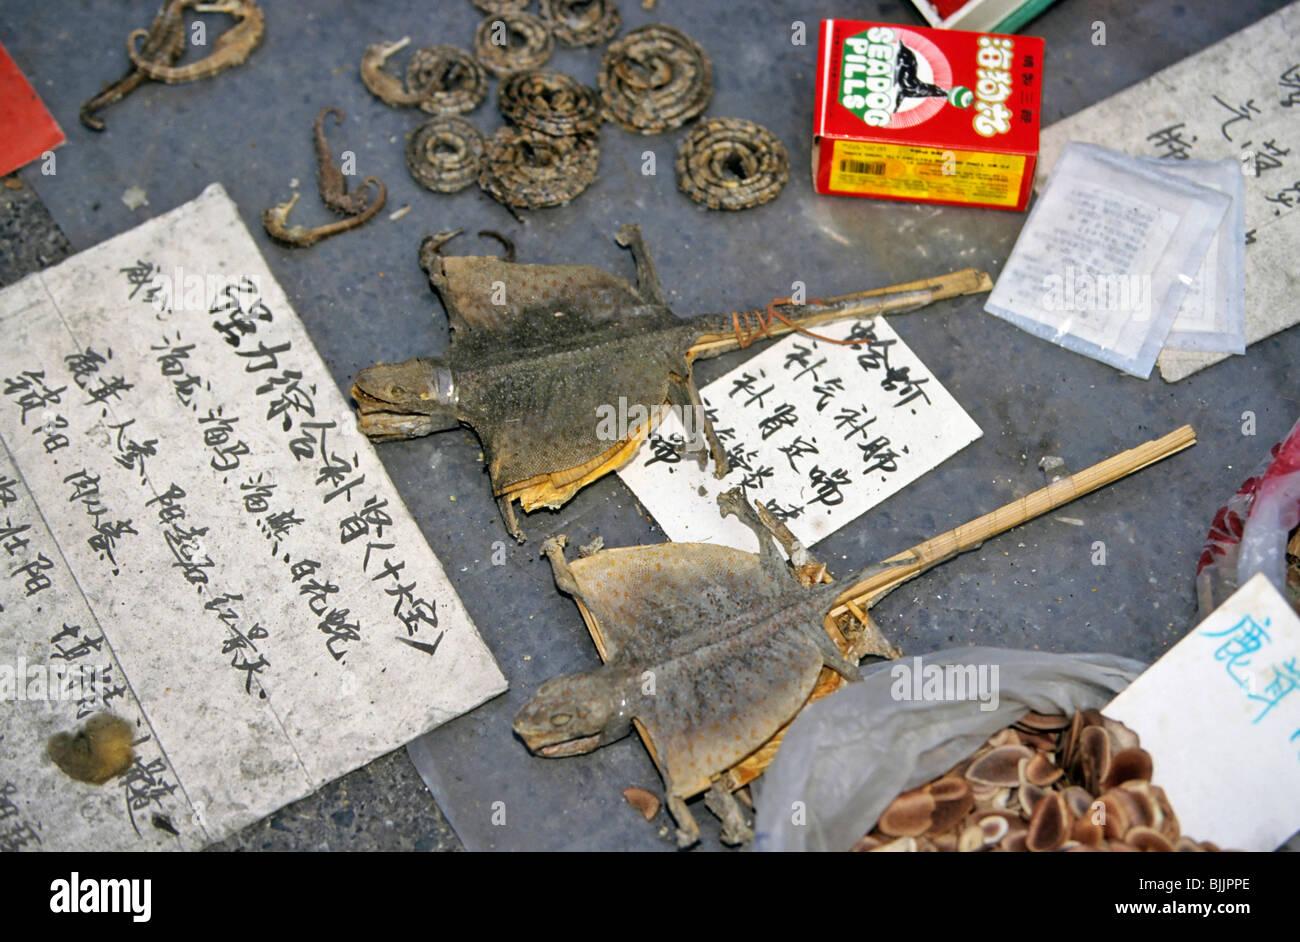 Reptilien als traditionelle Heilmittel auf einem Markt in Peking, China, Asien Stockbild